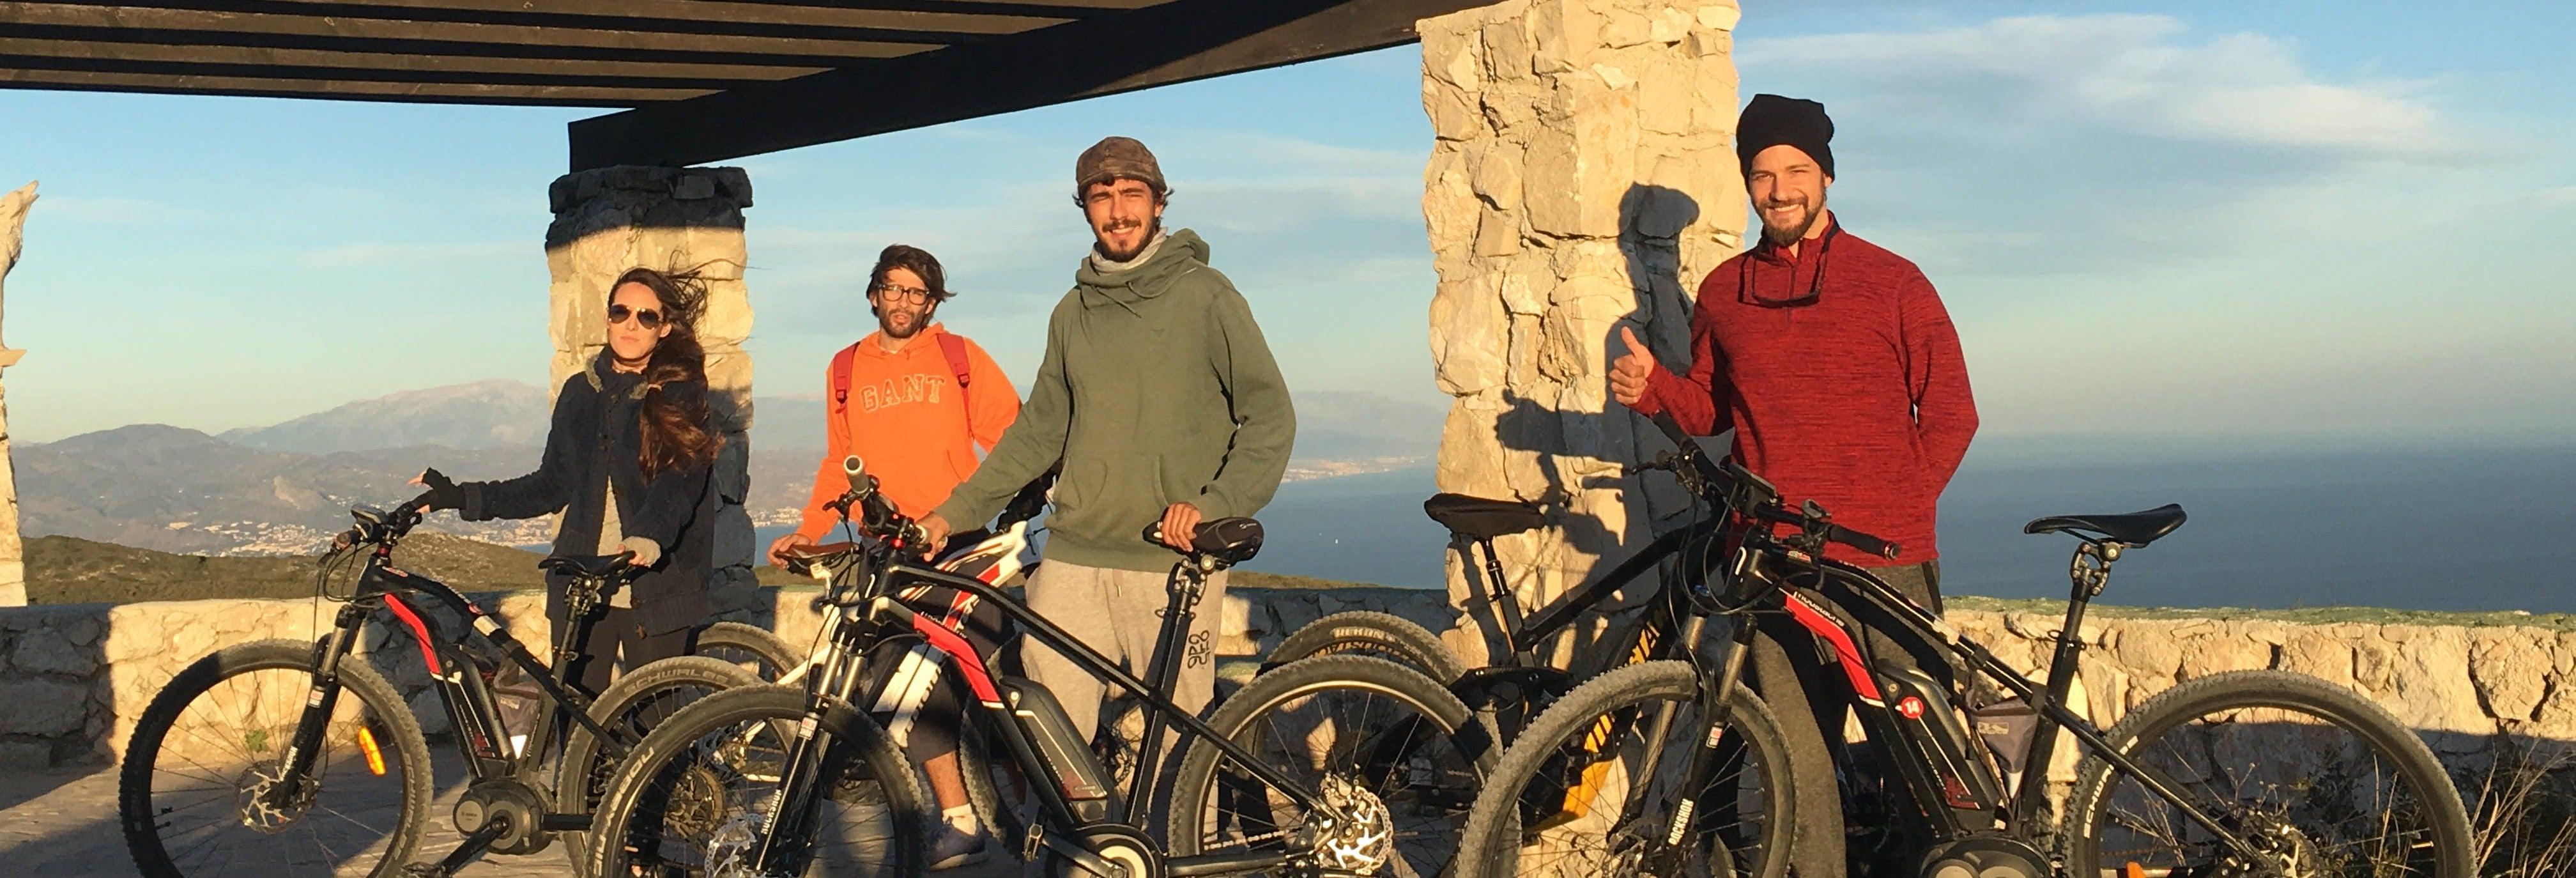 Tour della Foce del Guadalhorce in bici elettrica